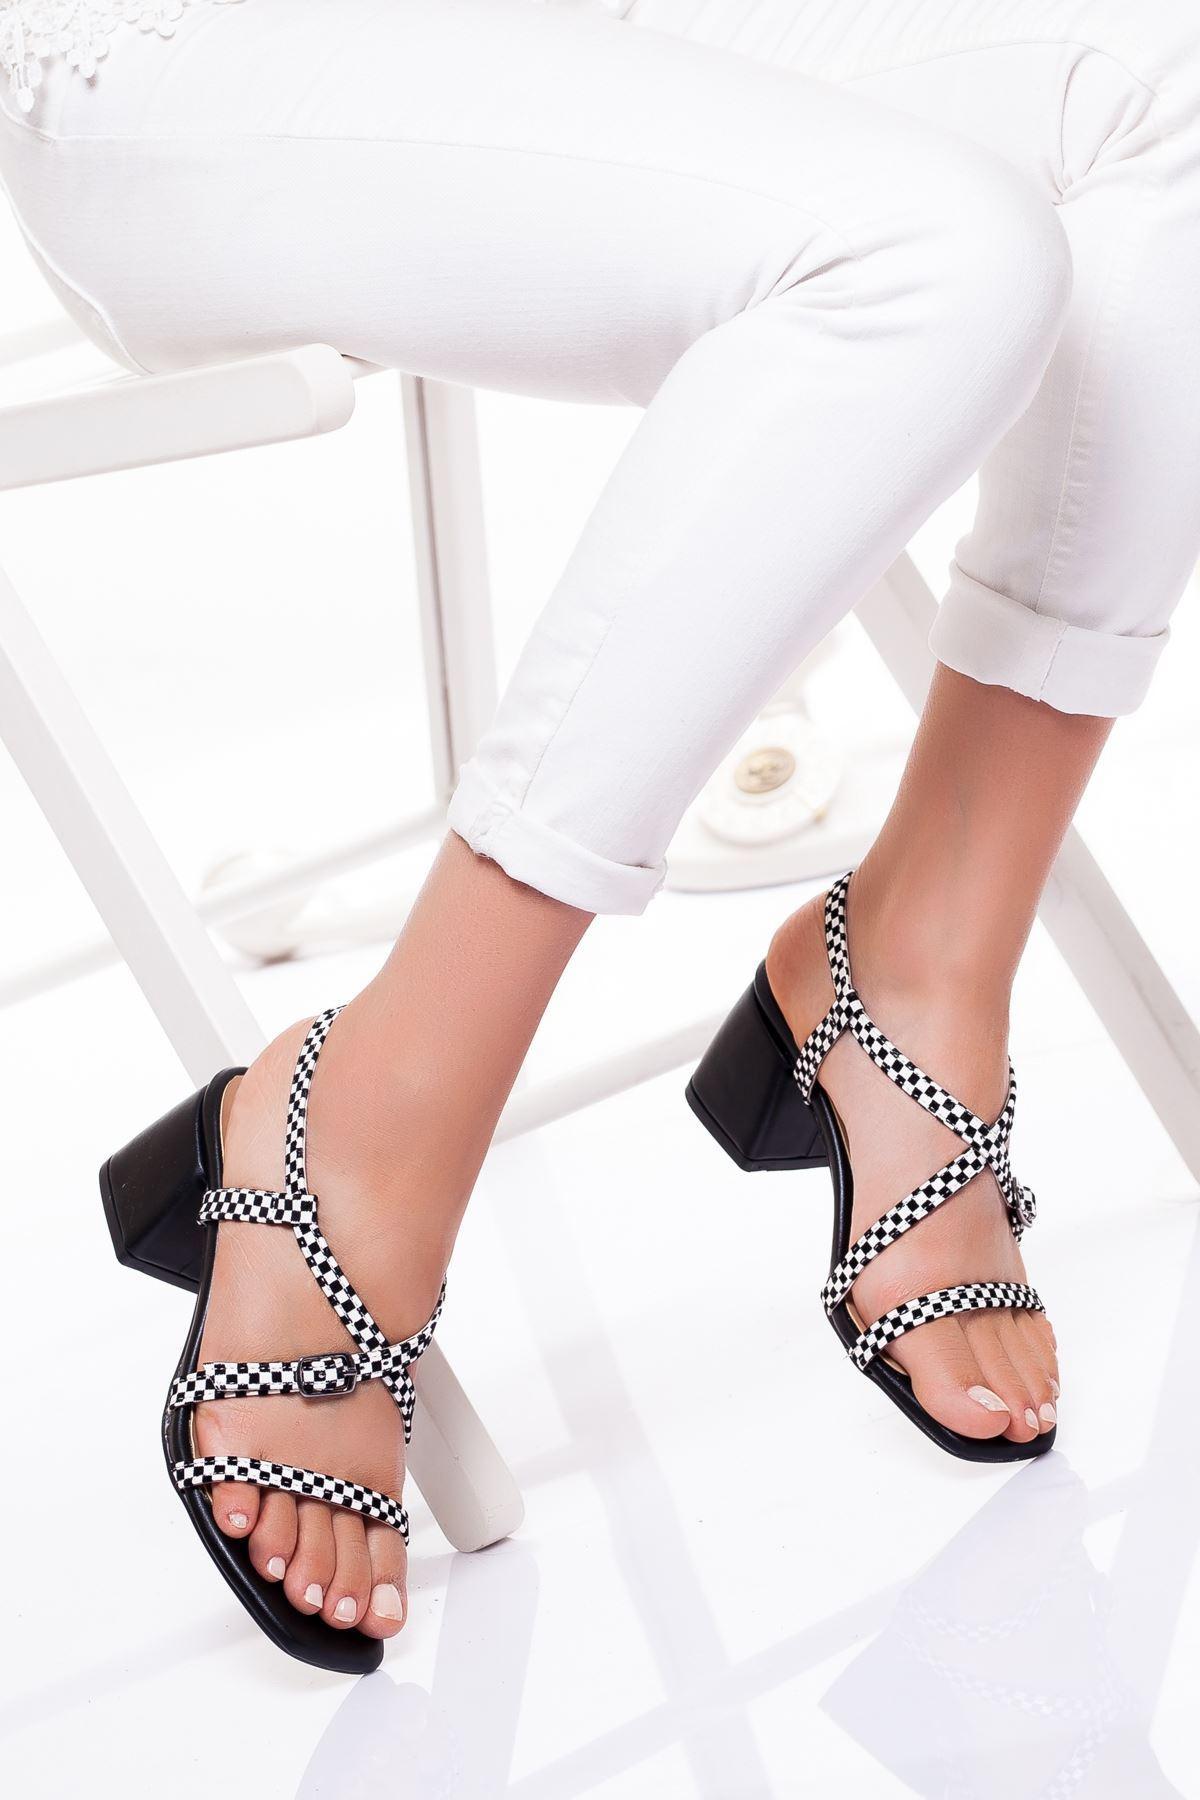 Kadın Bantlı Siyah Yazlık Kalın Topuklu Ayakkabı